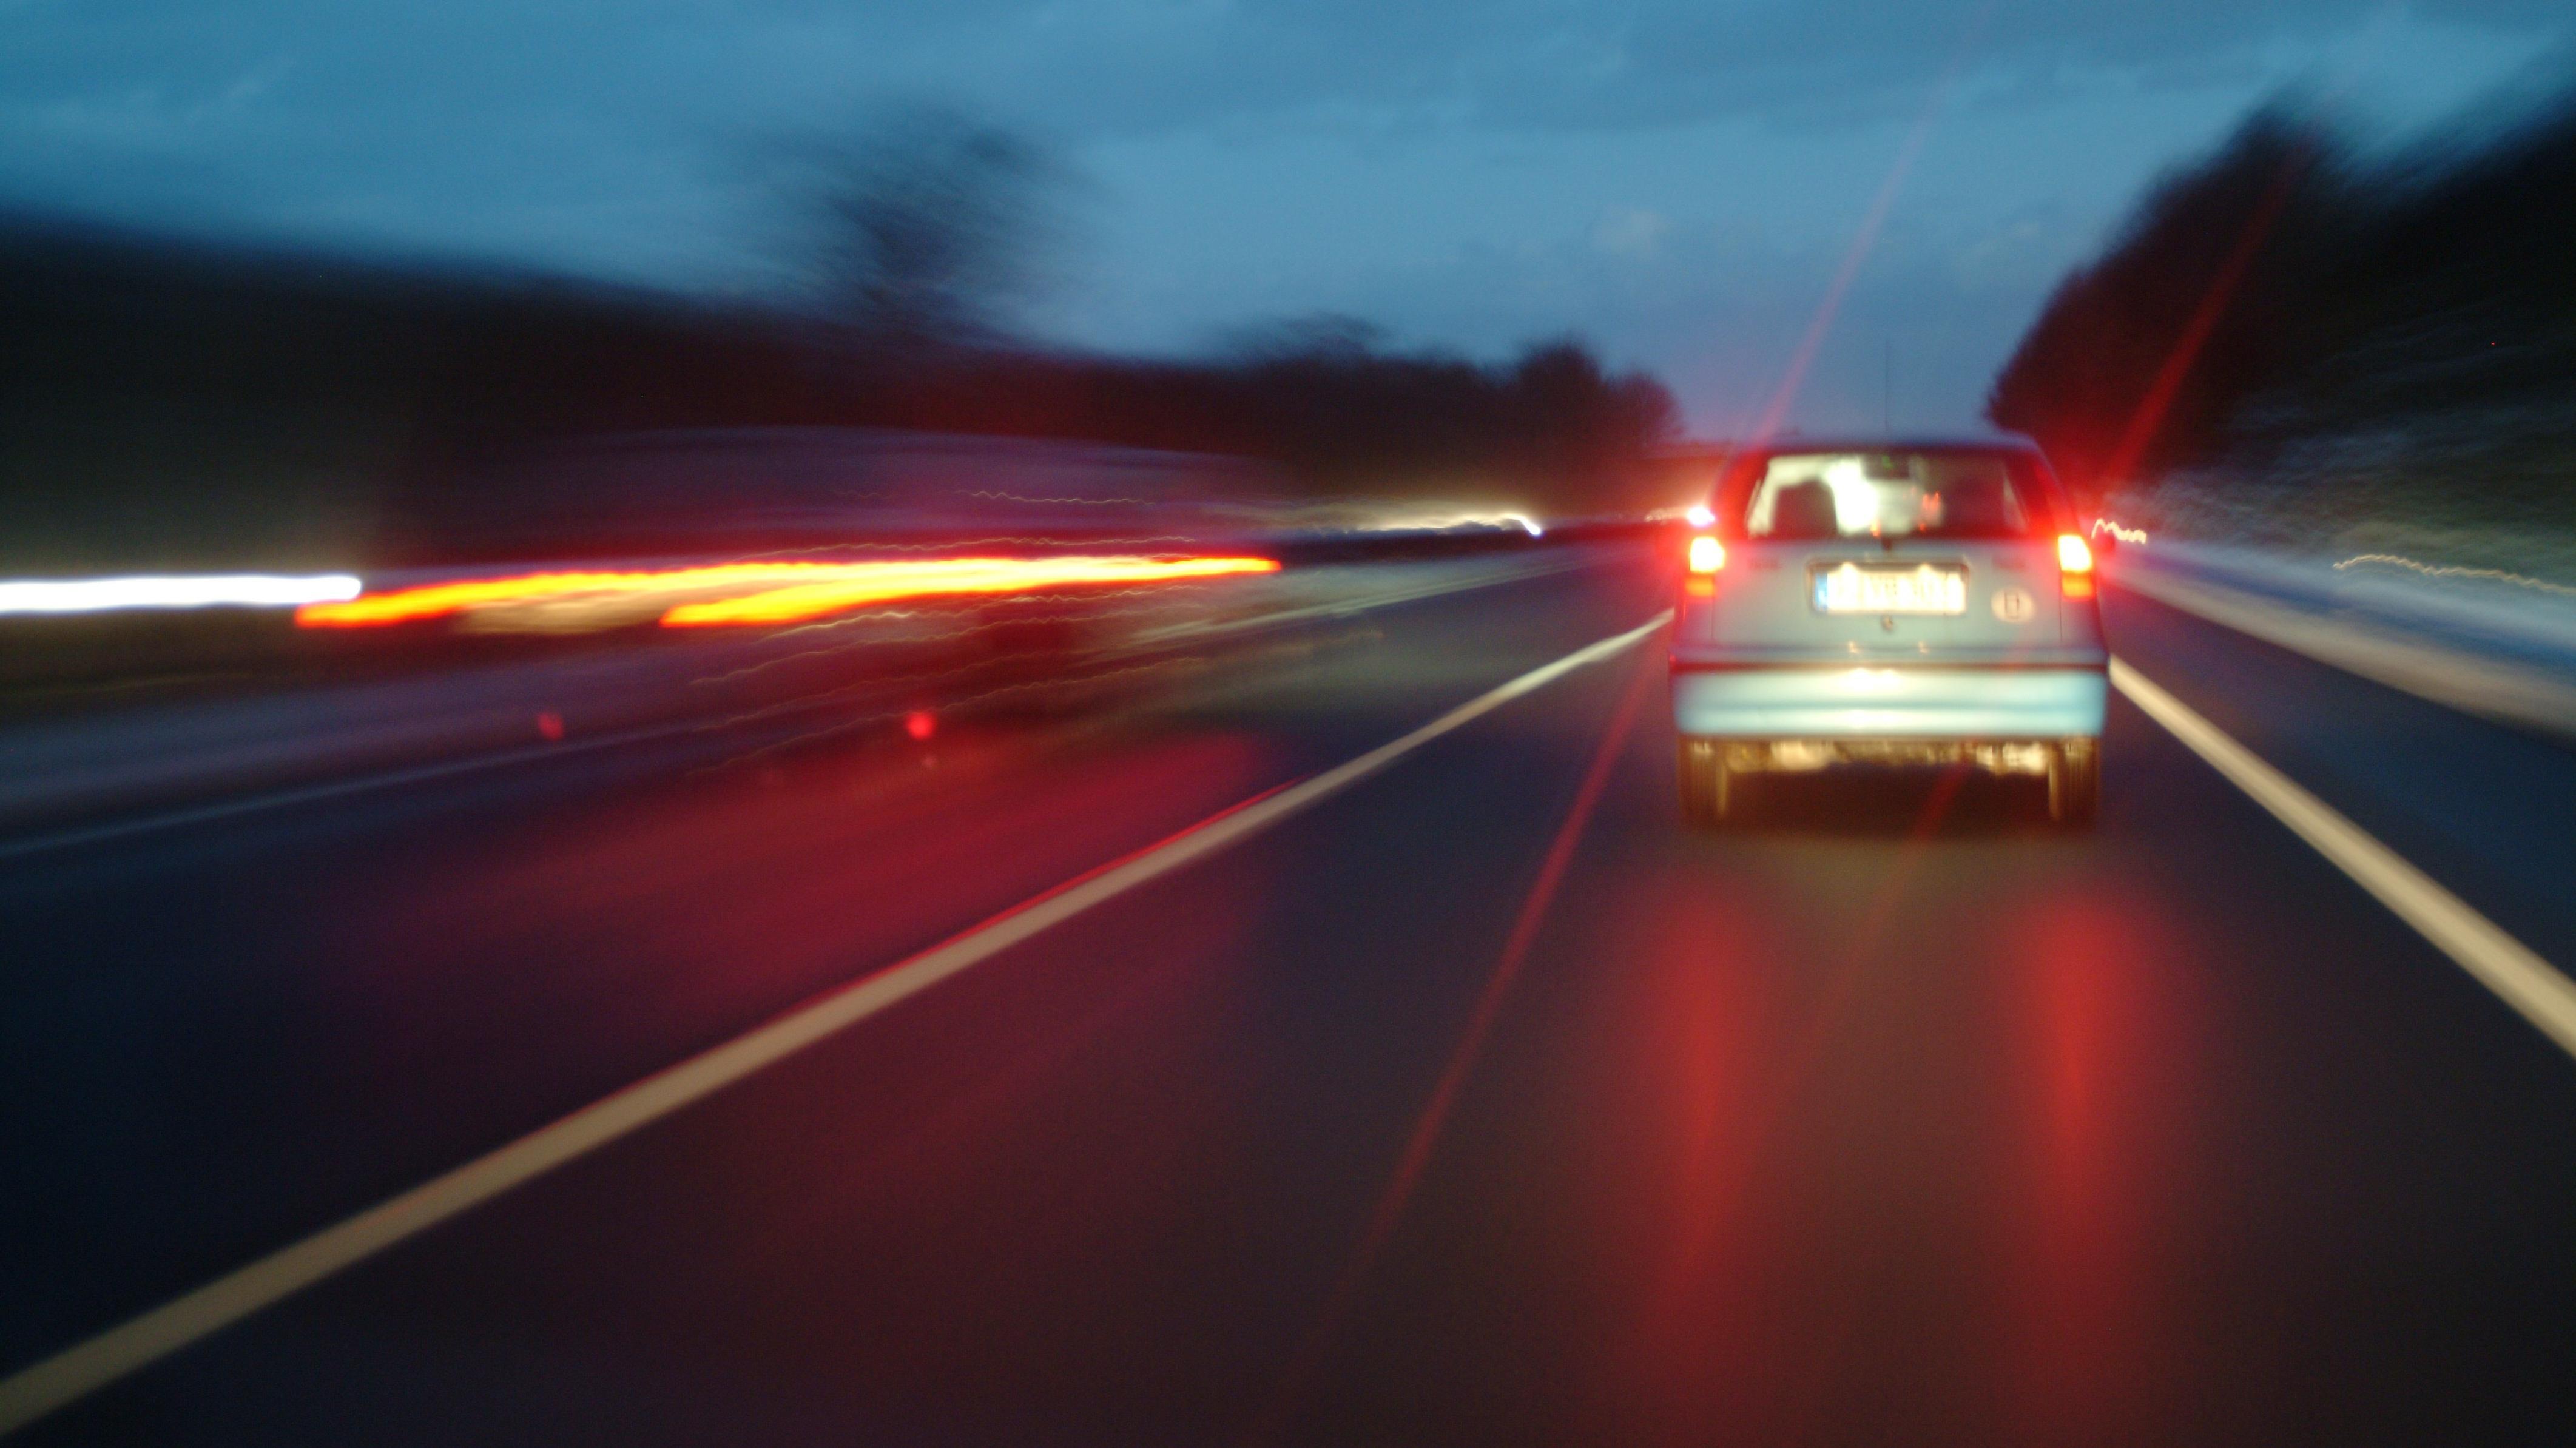 Auto überholt nachts auf Autobahn